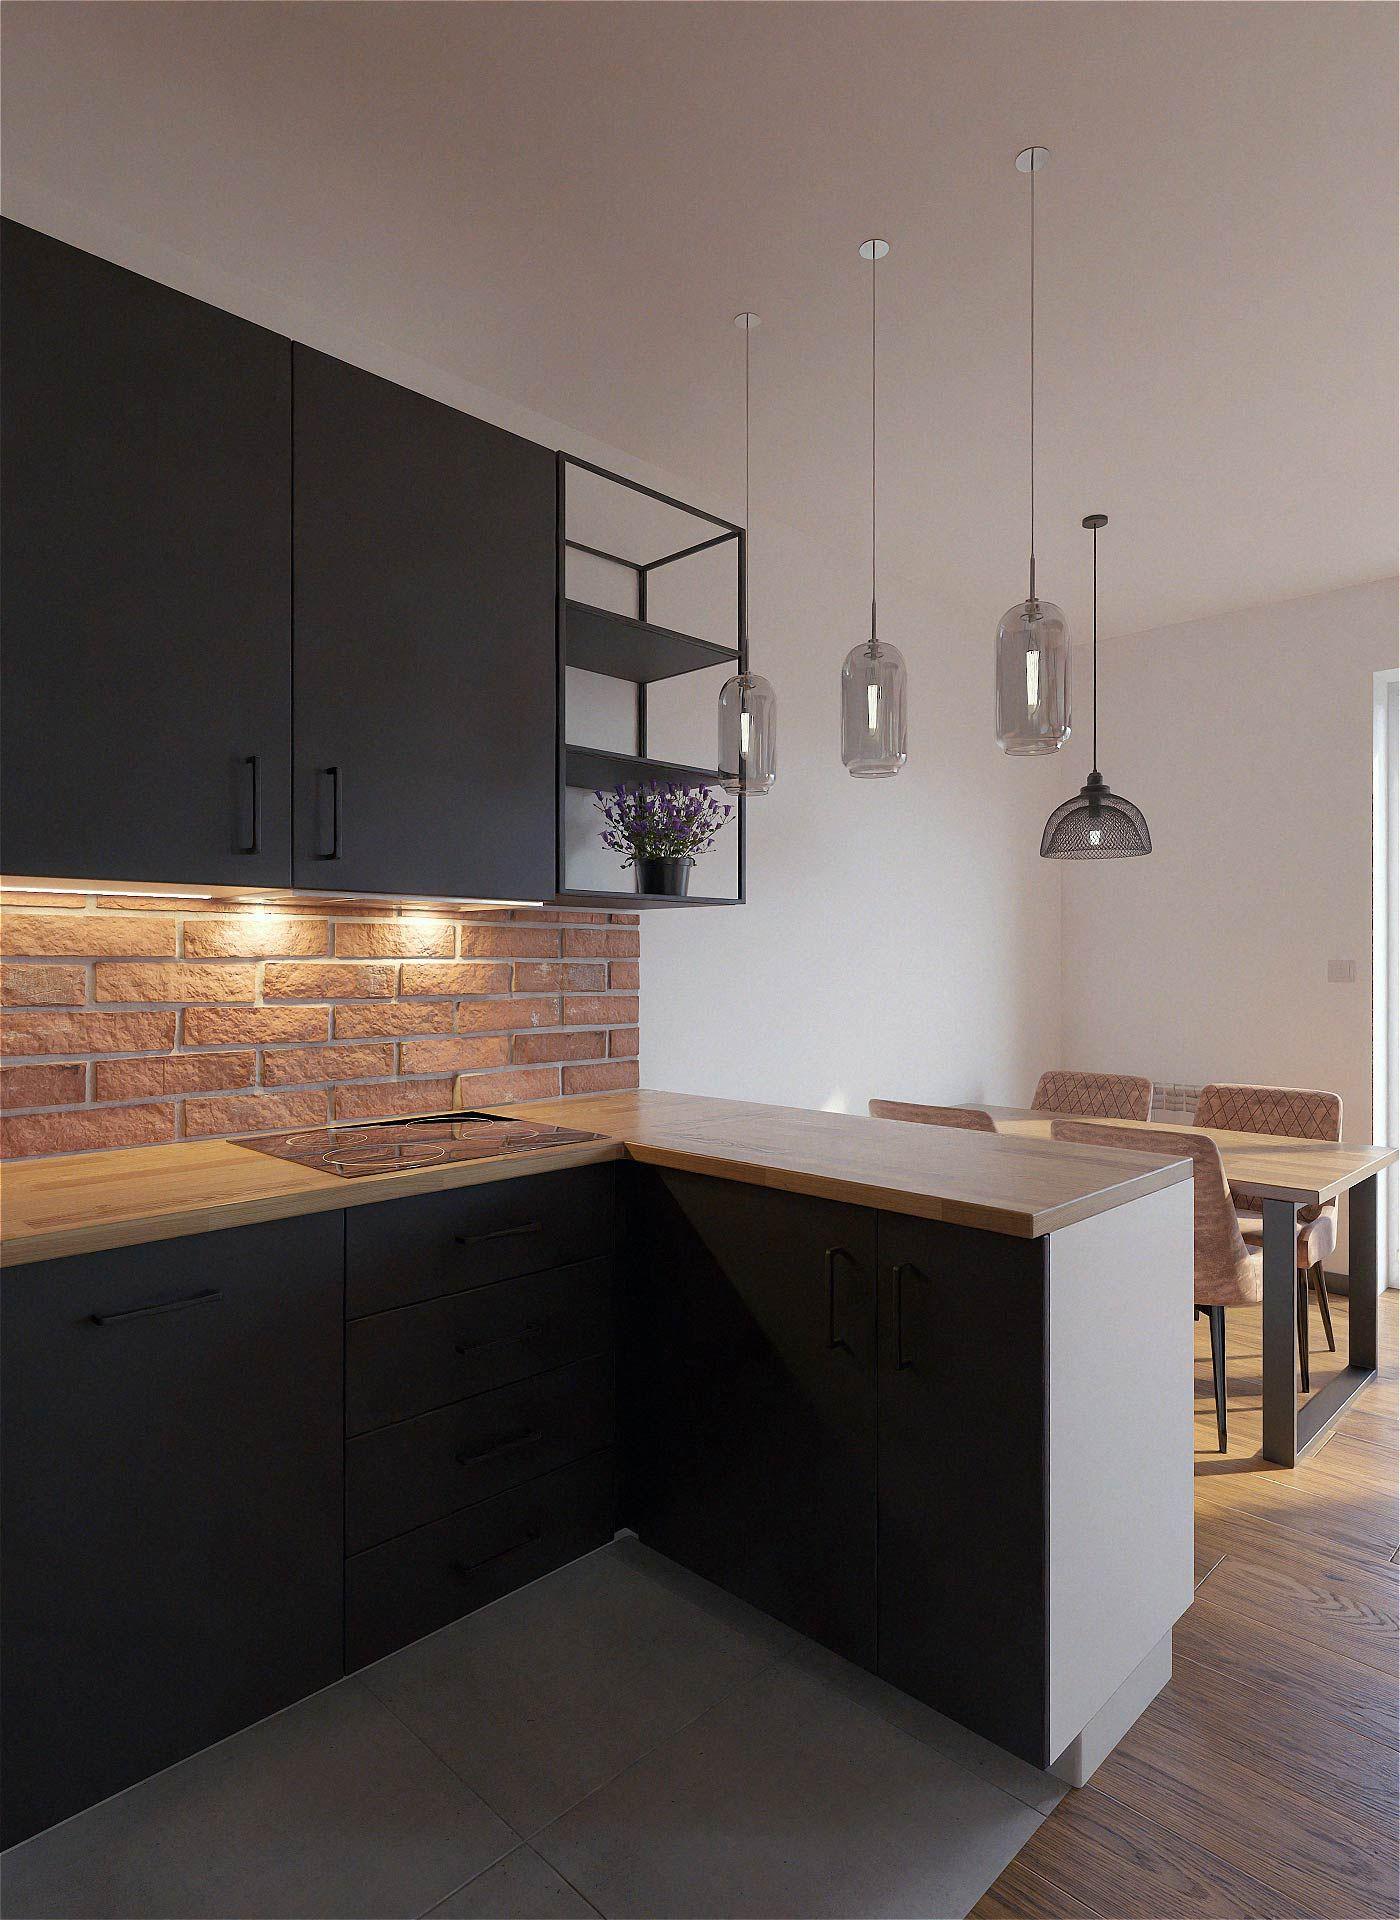 Kuchnia Ikea Kungsbacka W Stylu Industrialnym Loft Drewno Cegla Projekt Kuchni Na Wymiar Interior Design Kitchen Loft Kitchen Kitchen Interior